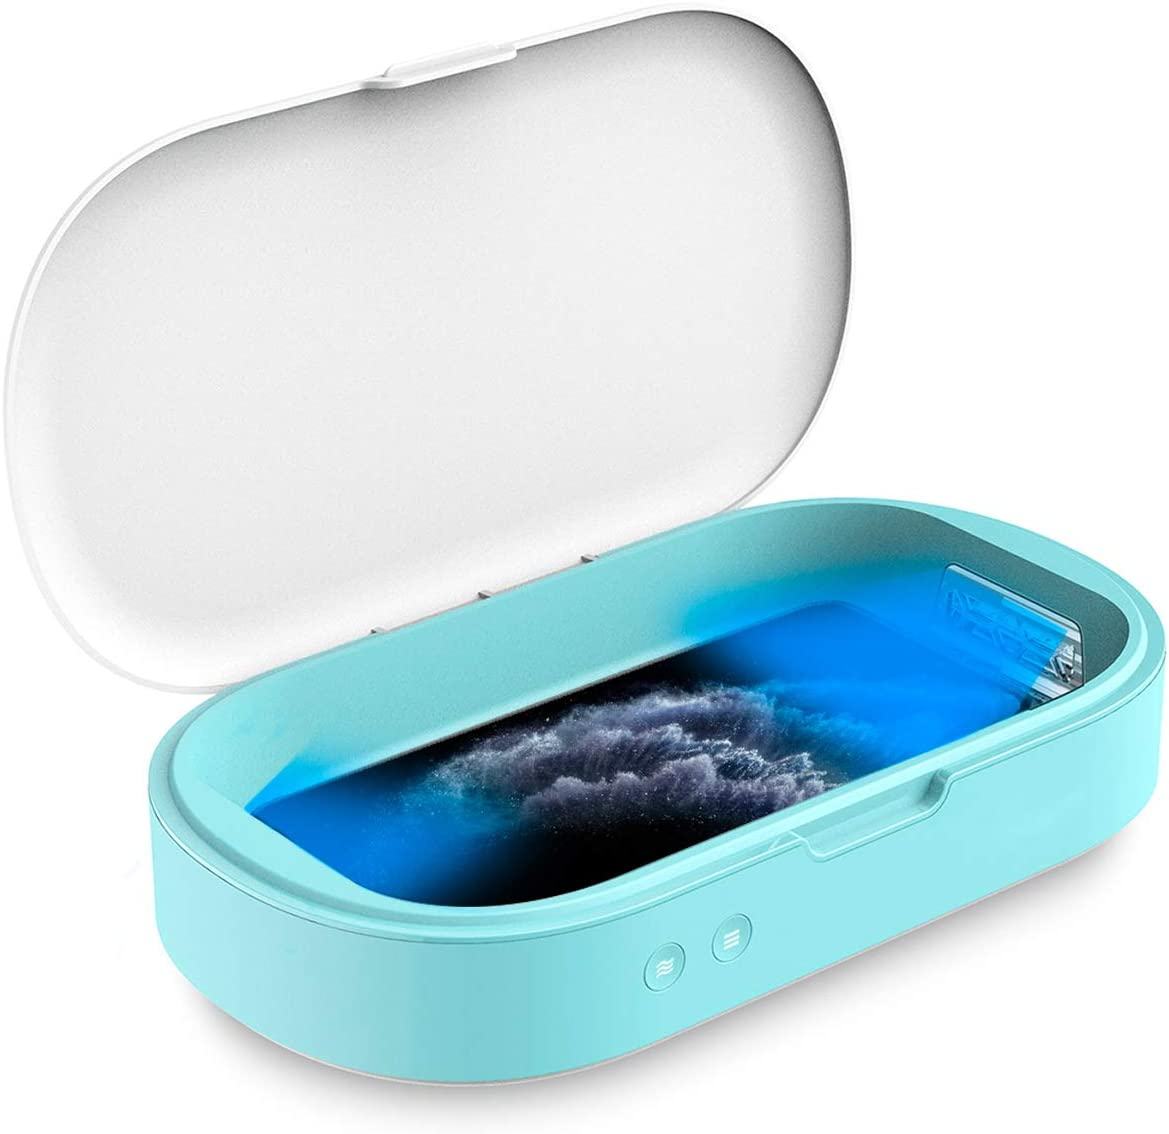 Celly Esterilizador UV Universal (Certificaciones), Caja Desinfectante con Rayos UV-C y Función Aromaterapia para Smartphones y Accesorios, Relojes, Mascarillas, Guantes.